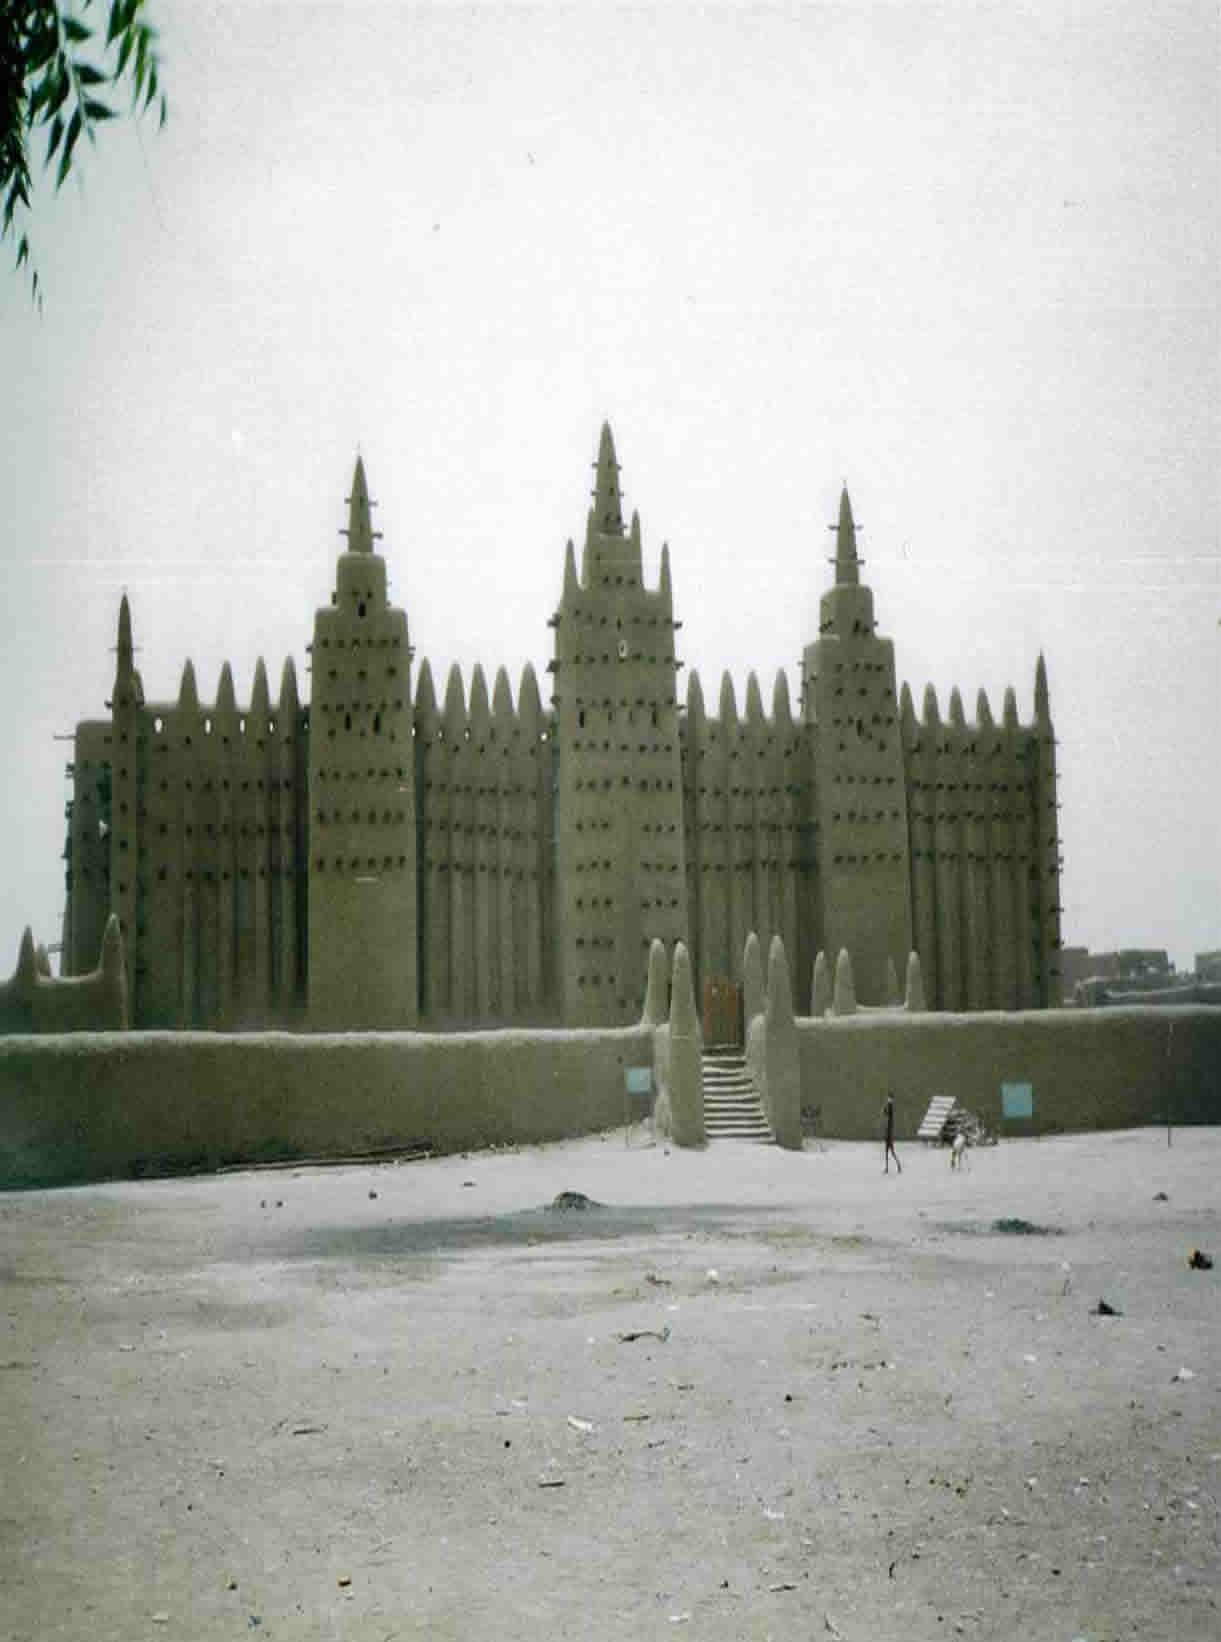 مسجد دیینج ری بر در تیمبوکتو